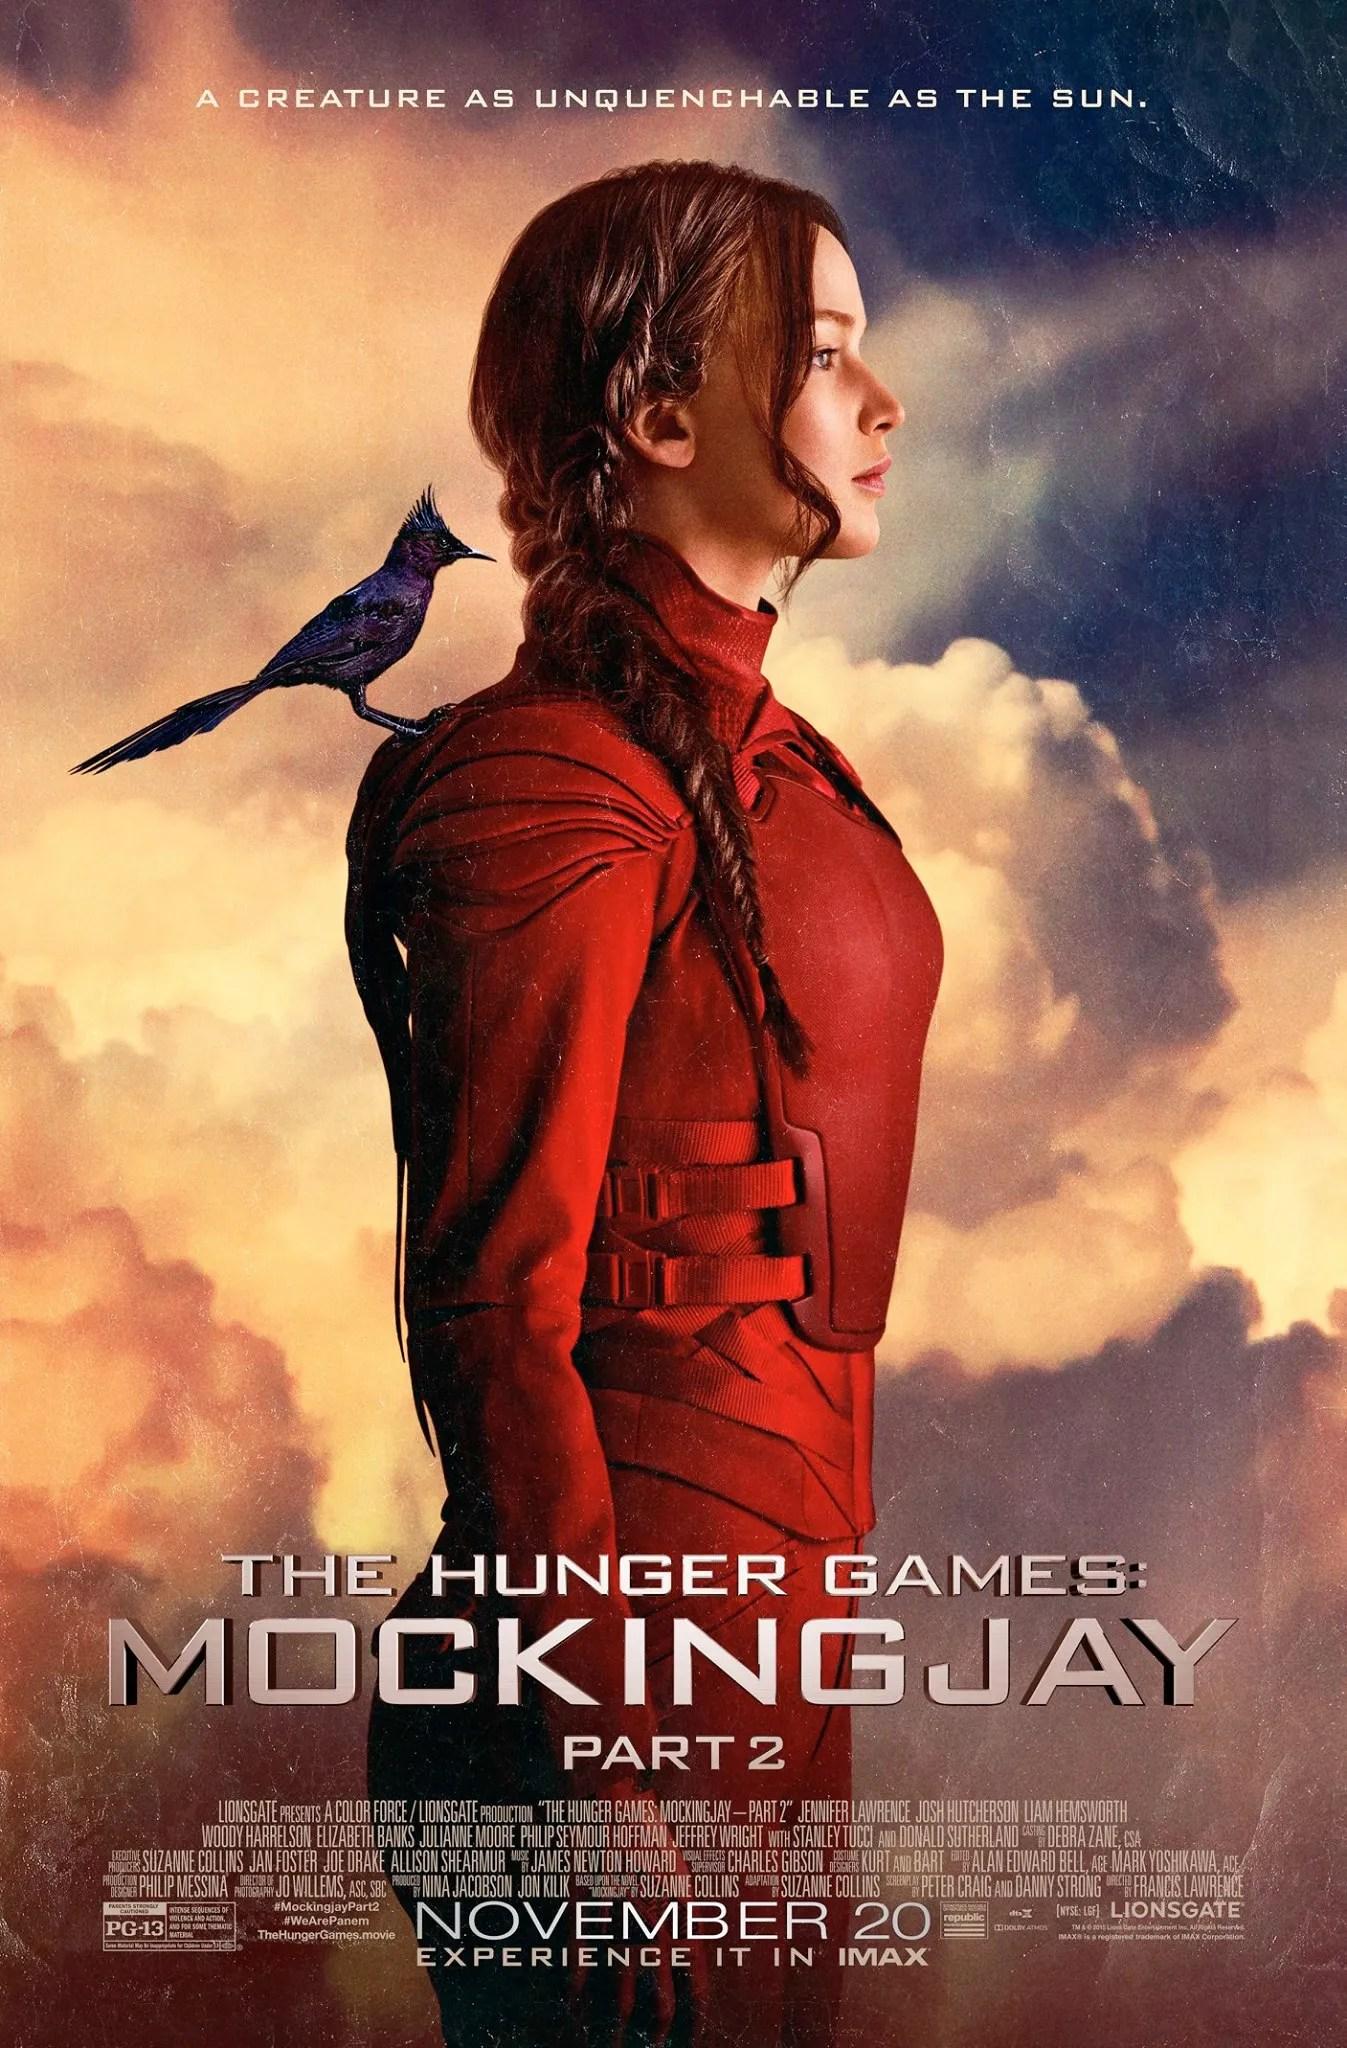 Hunger Games Jennifer Lawrence Adorns New Trailer Poster